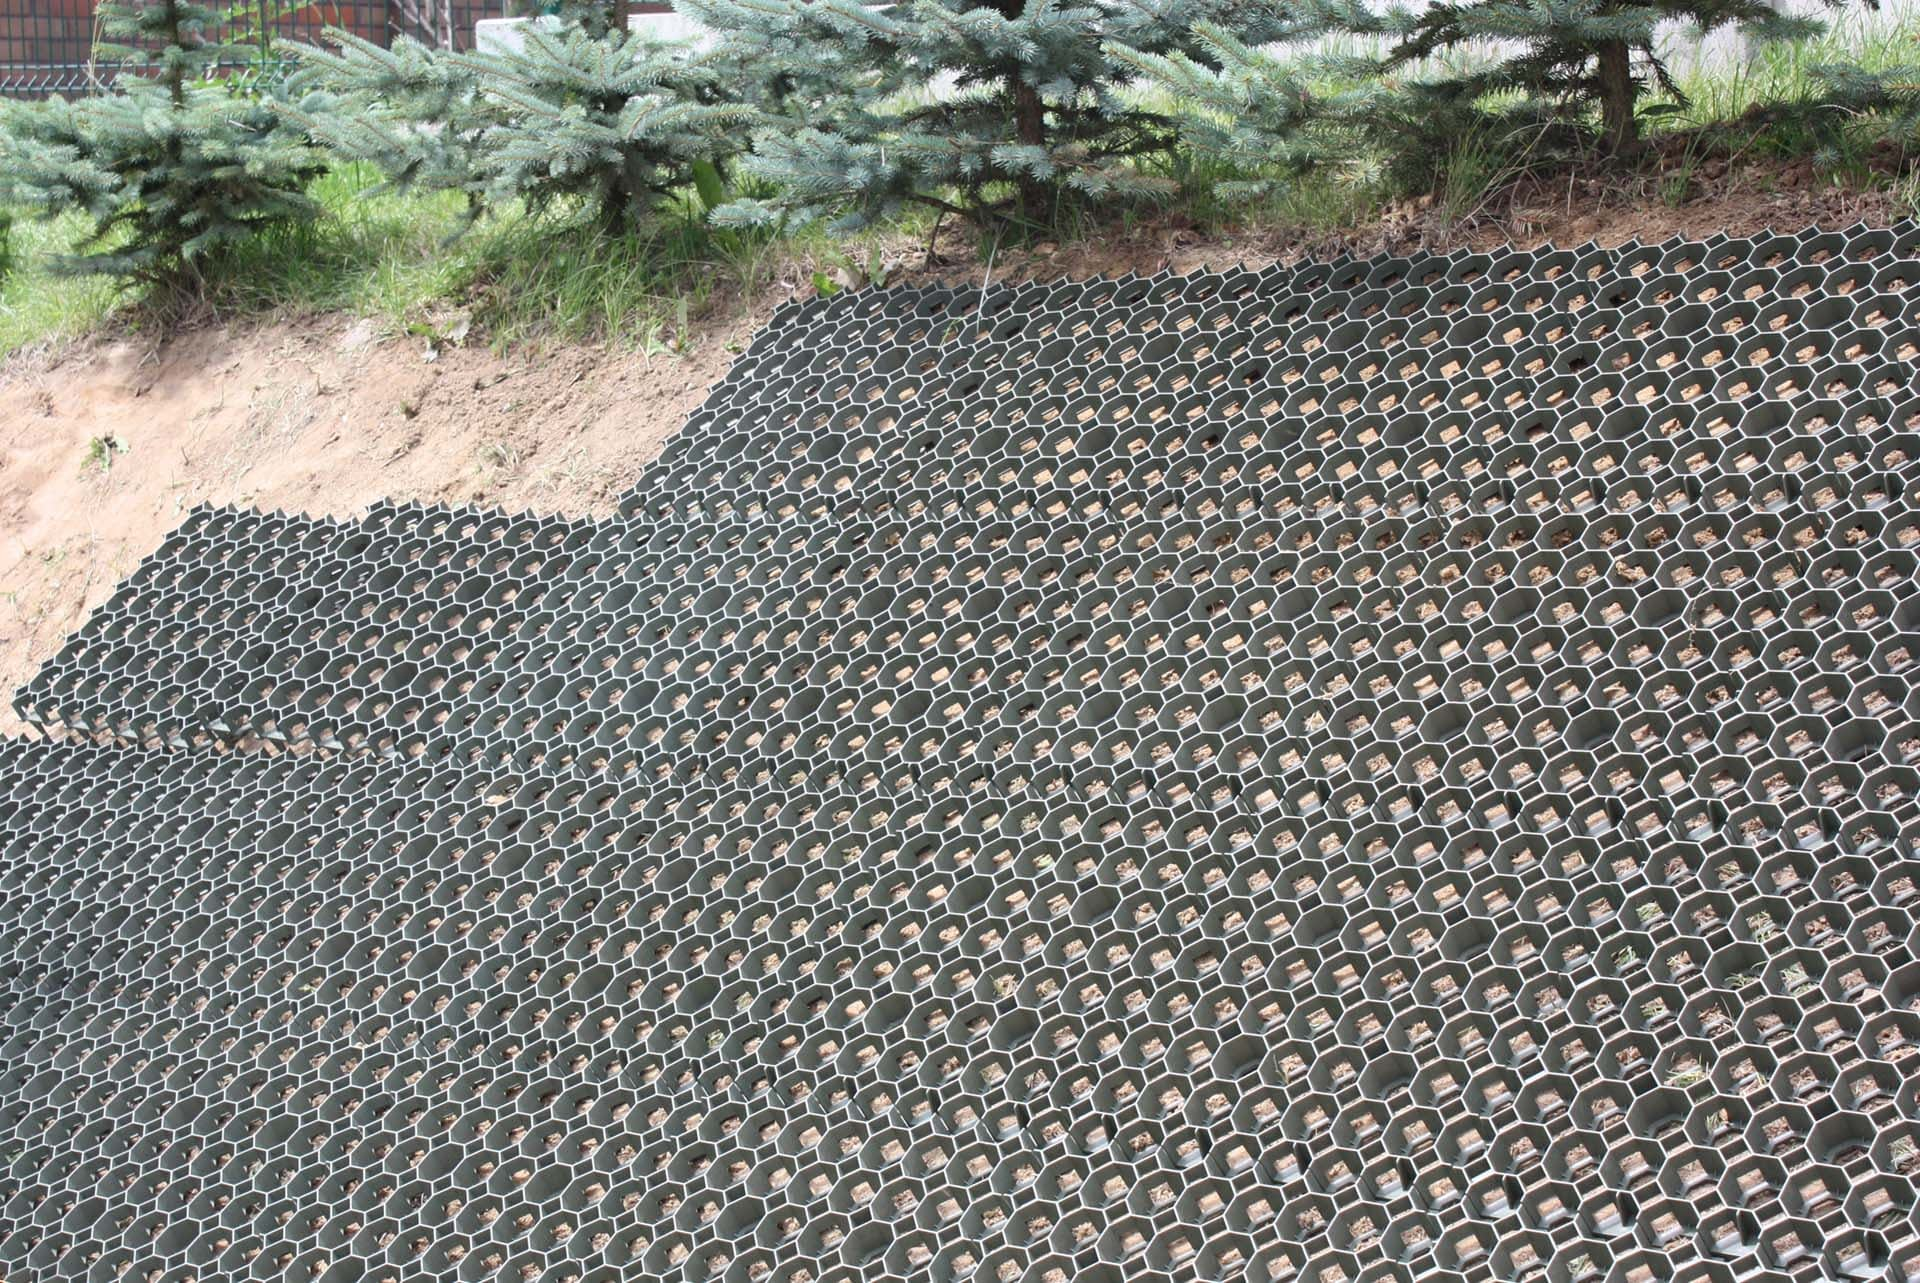 elite-grass-grid-composite-alternative-ground-reinforcement-stabilisation-installation